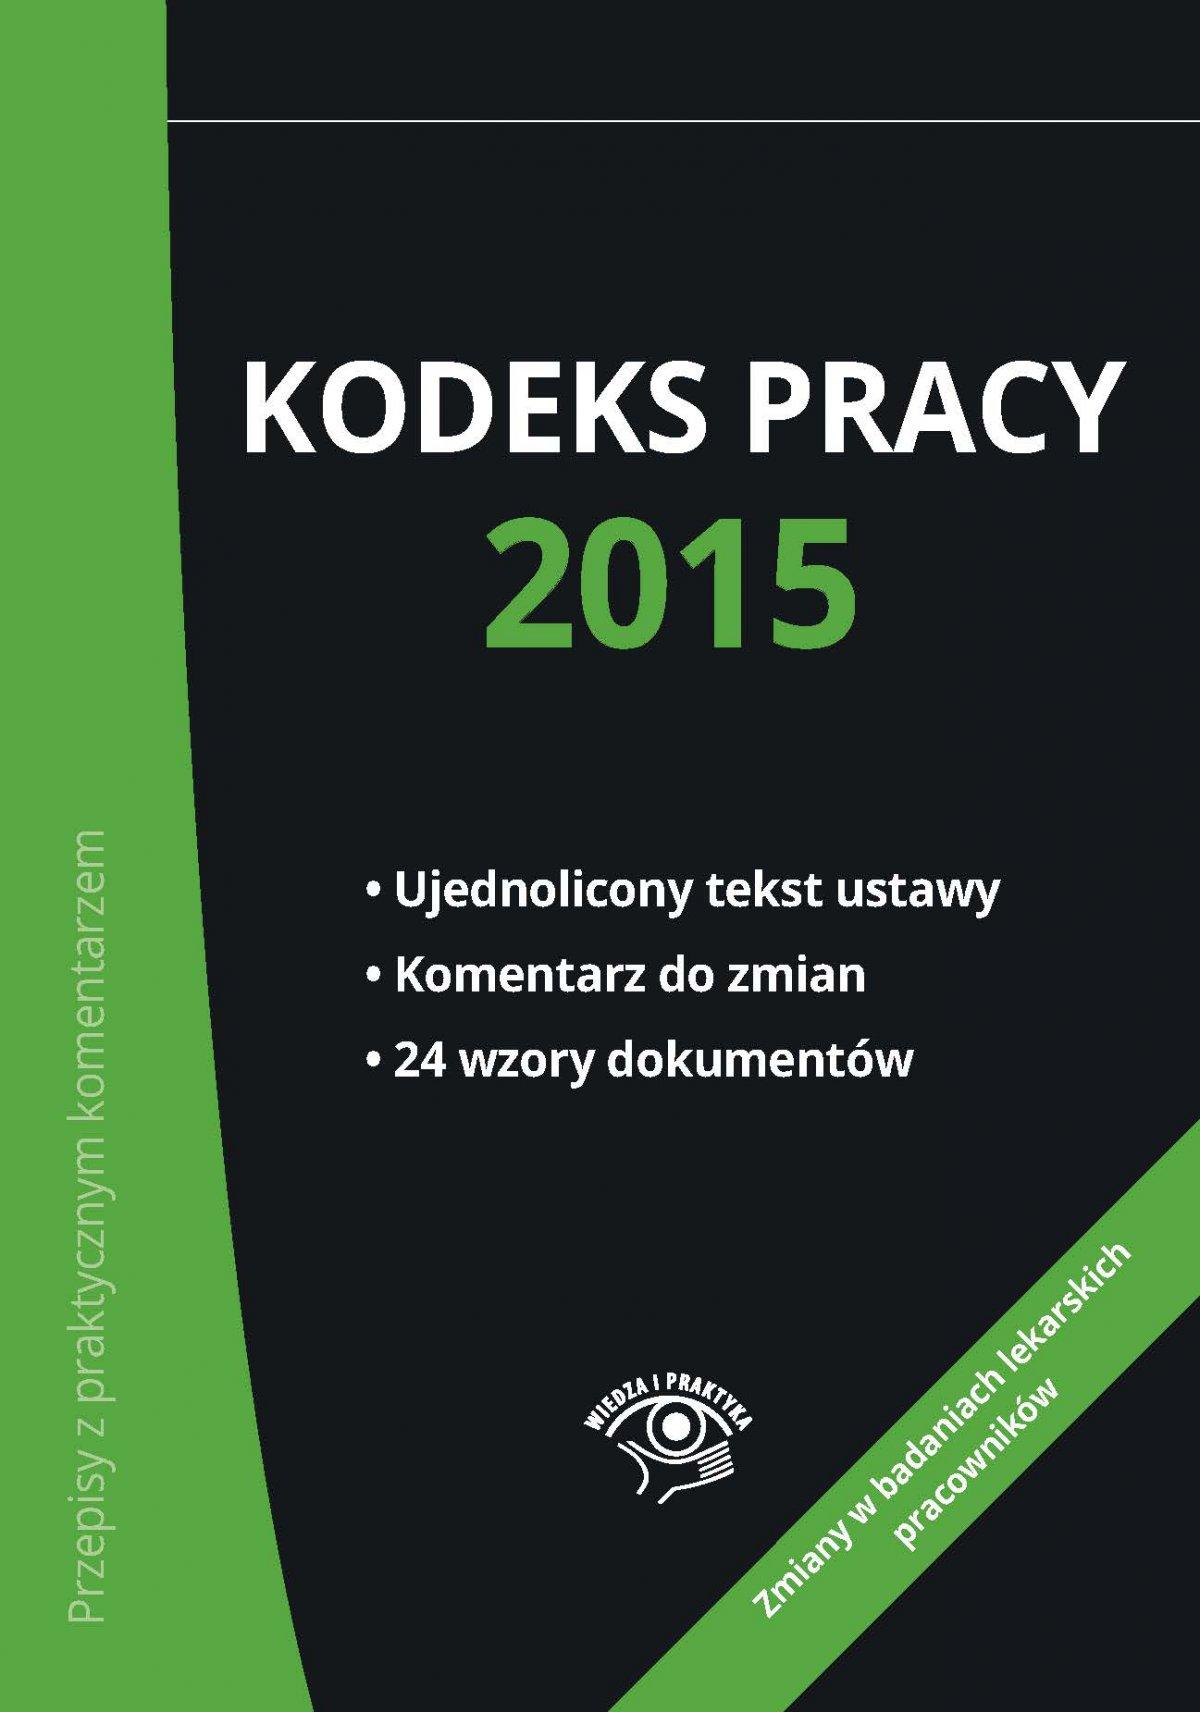 Kodeks pracy 2015 - nowe wydanie - Ebook (Książka na Kindle) do pobrania w formacie MOBI